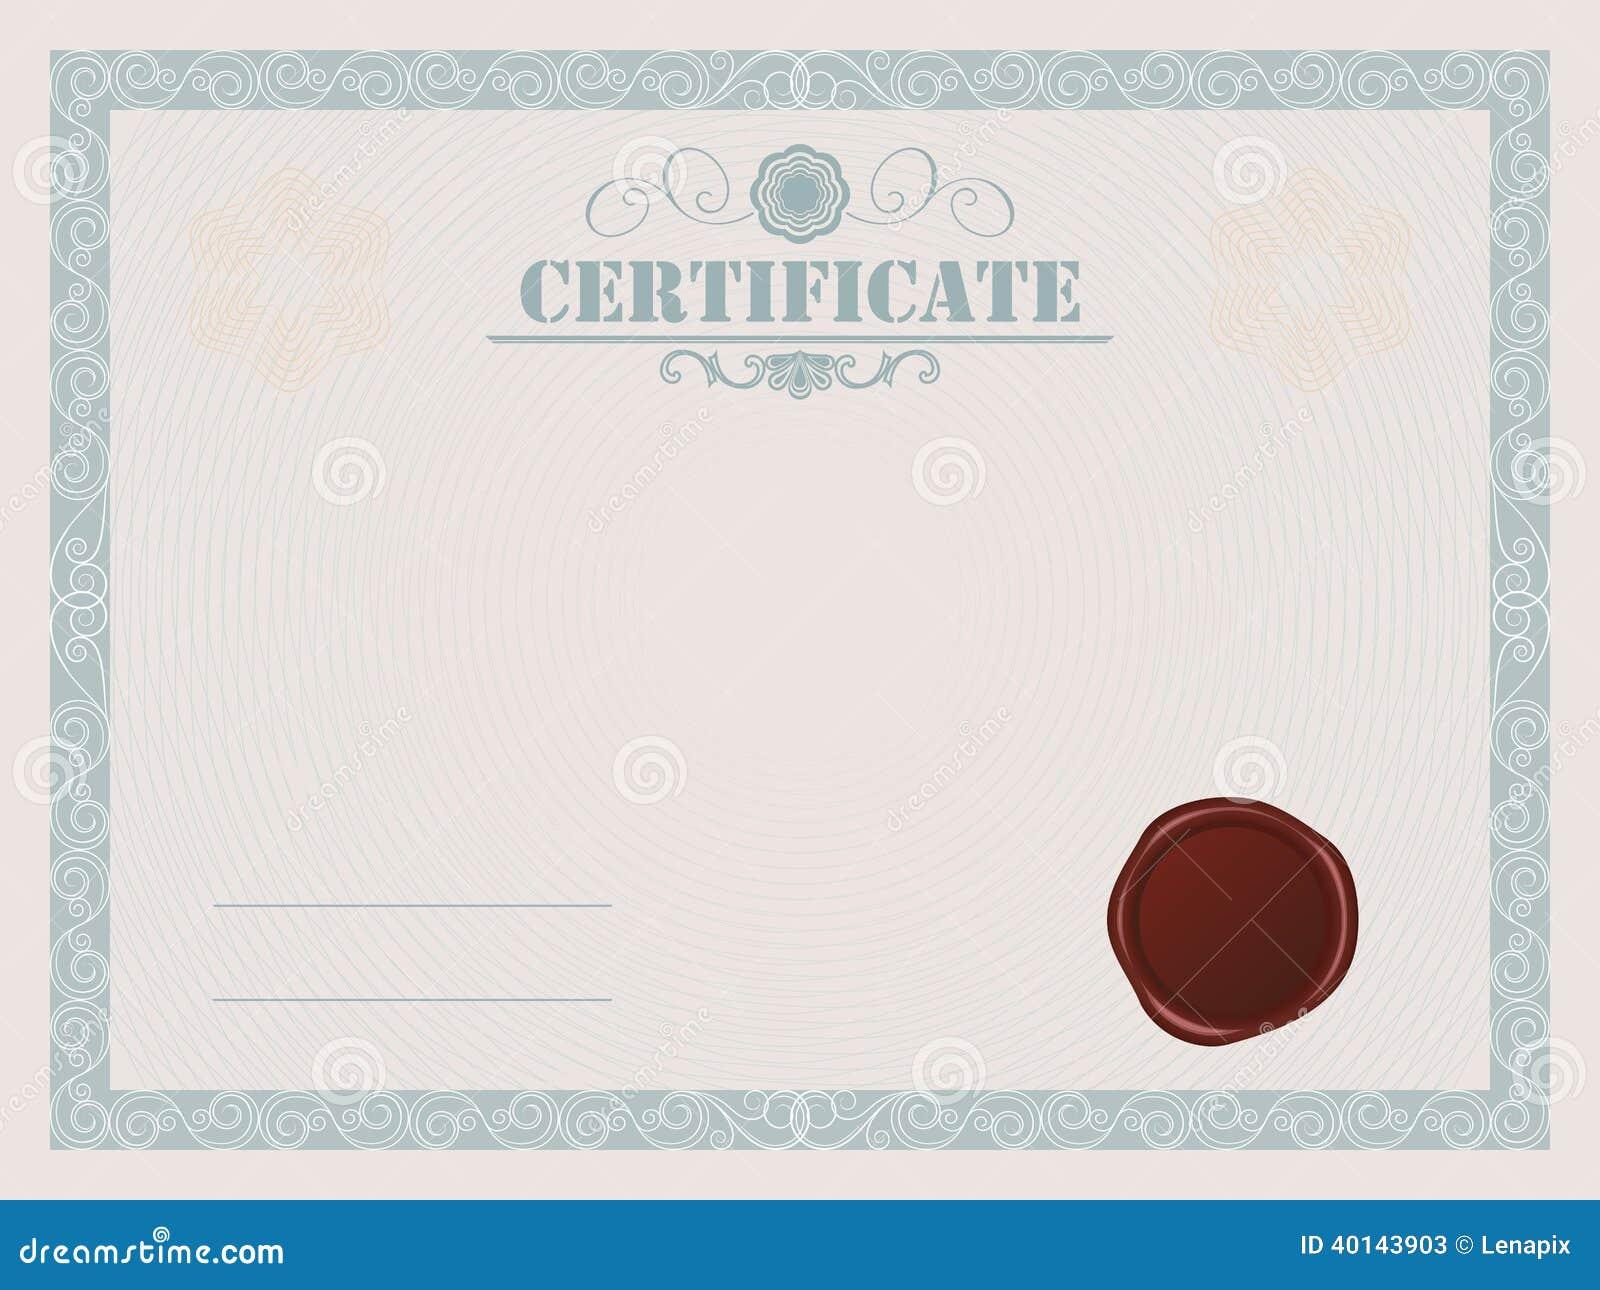 certificate stock vector